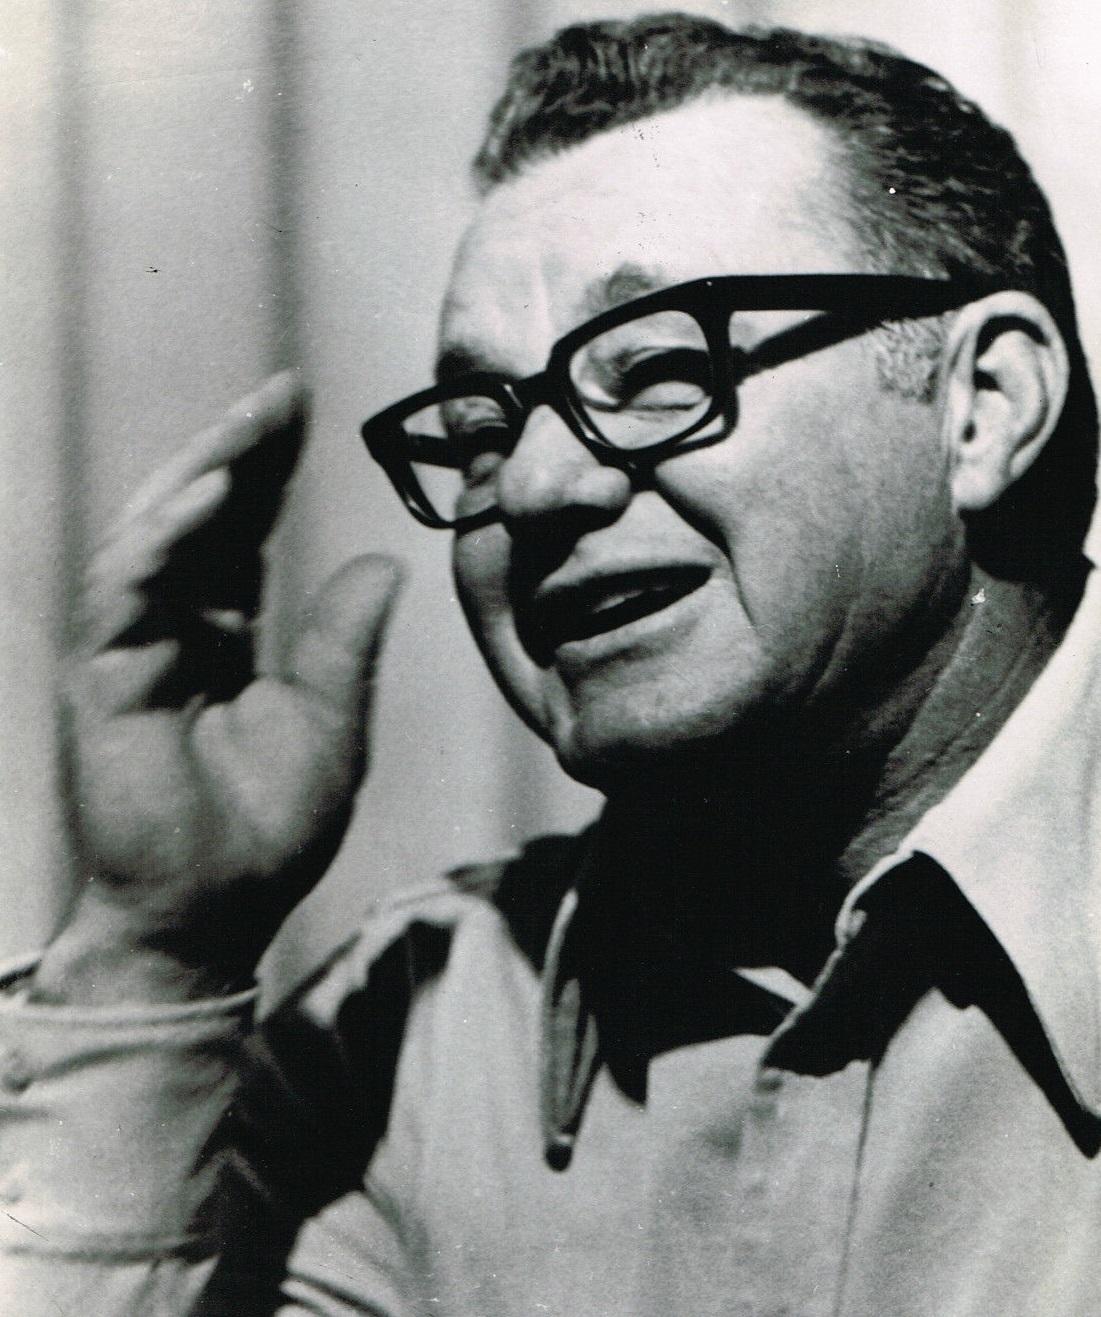 Norm Van Brocklin